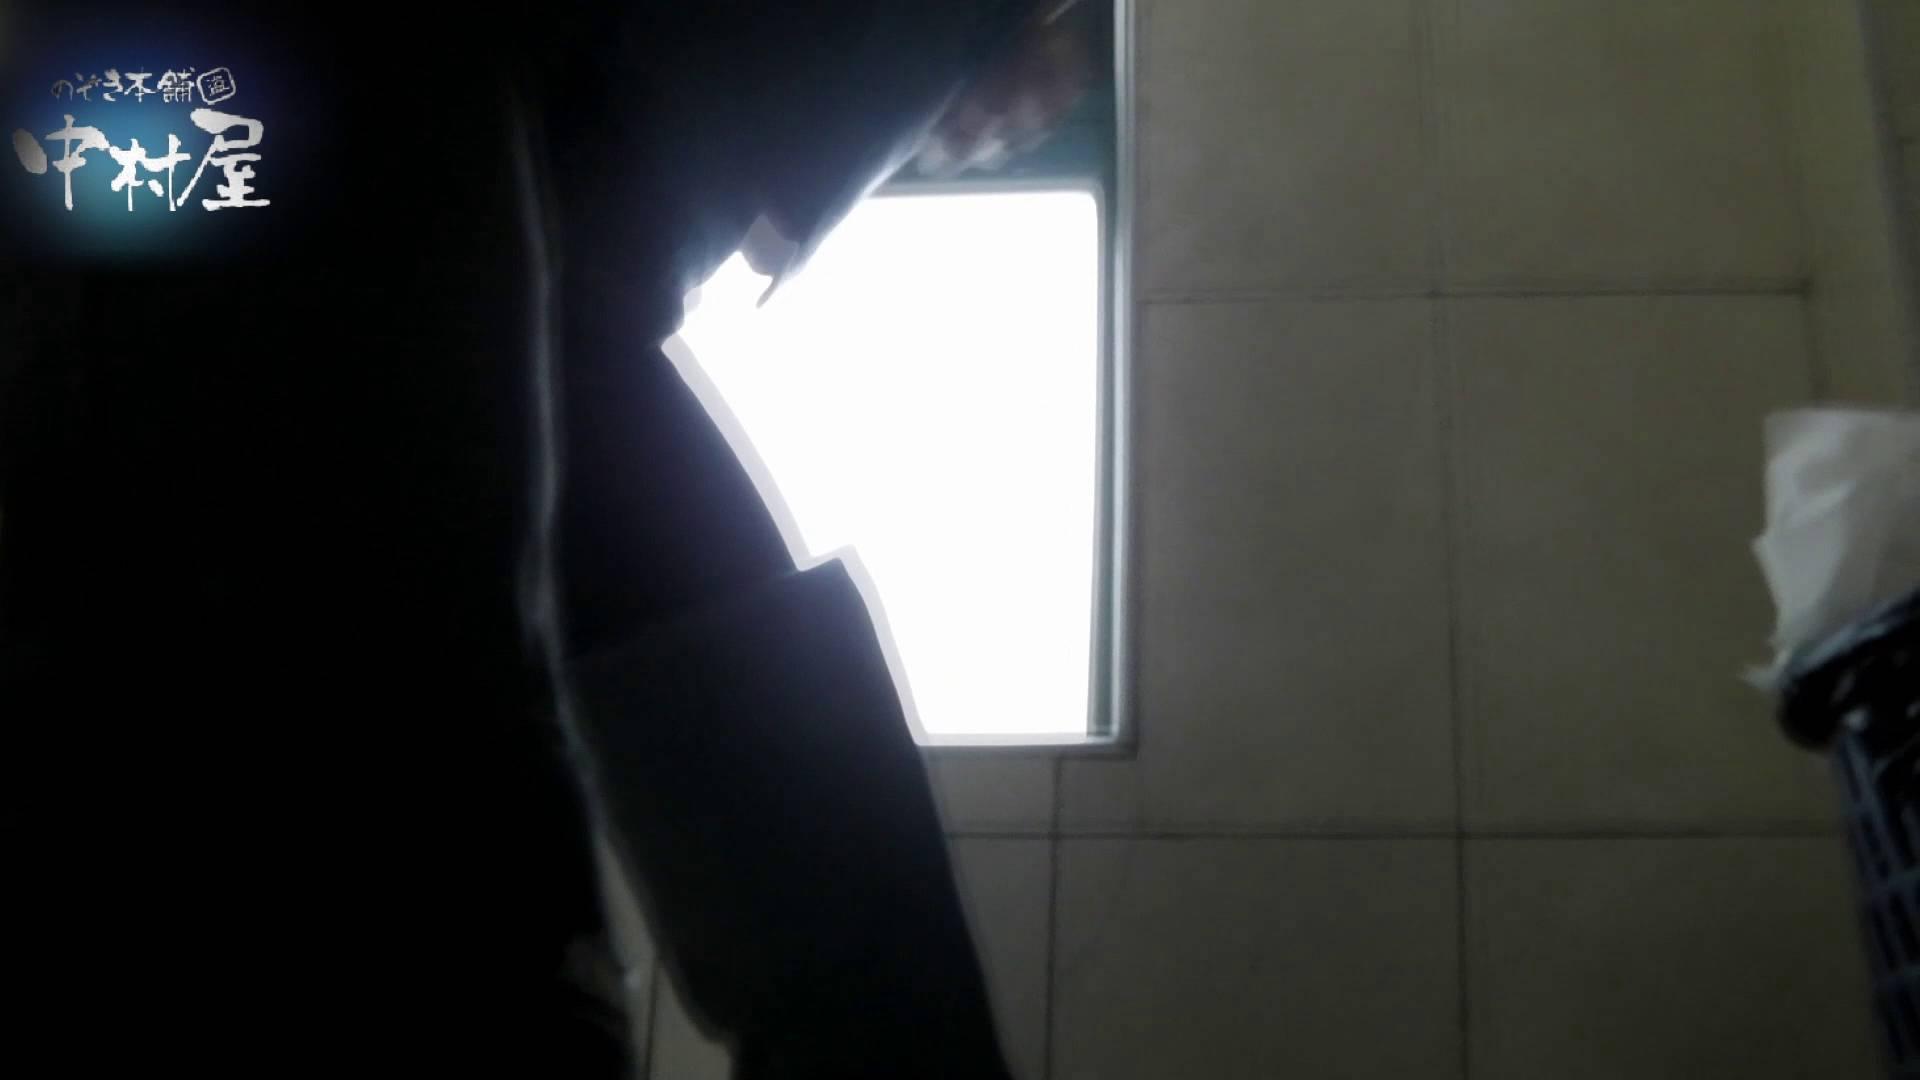 乙女集まる!ショッピングモール潜入撮vol.06 和式トイレ ヌード画像 86pic 11